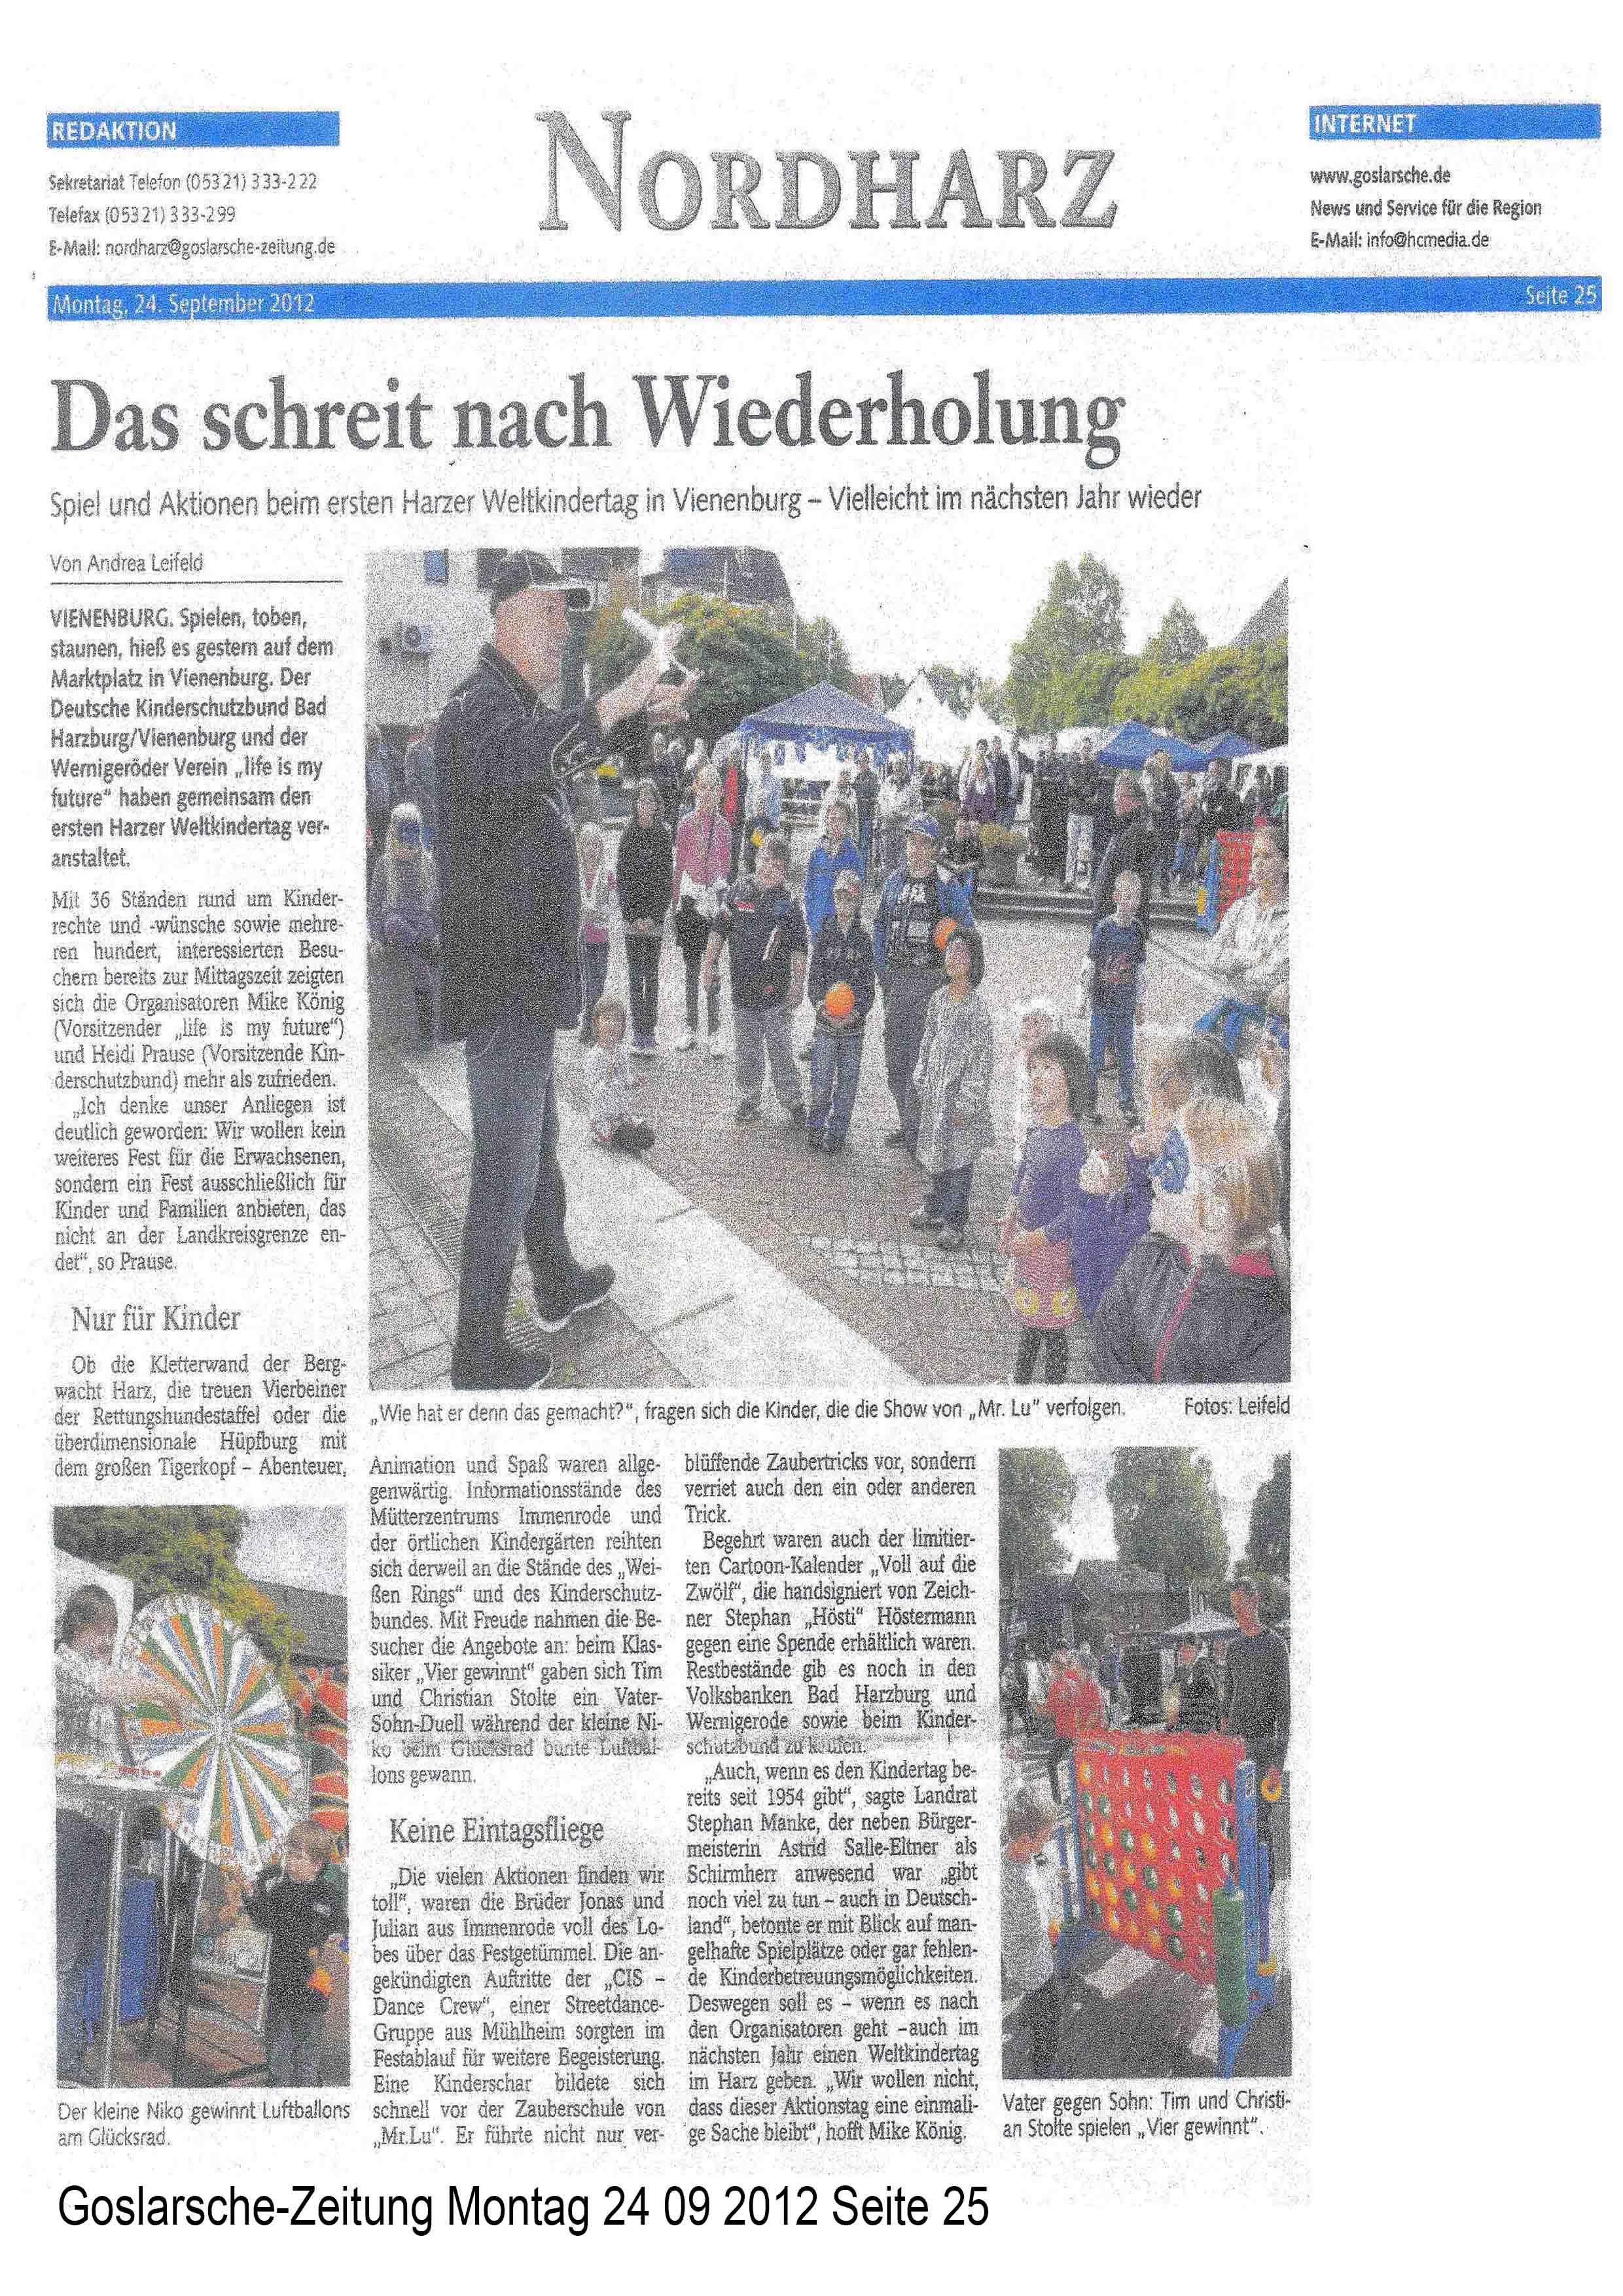 Goslarsche-Zeitung Montag 24 09 2012 Seite 25